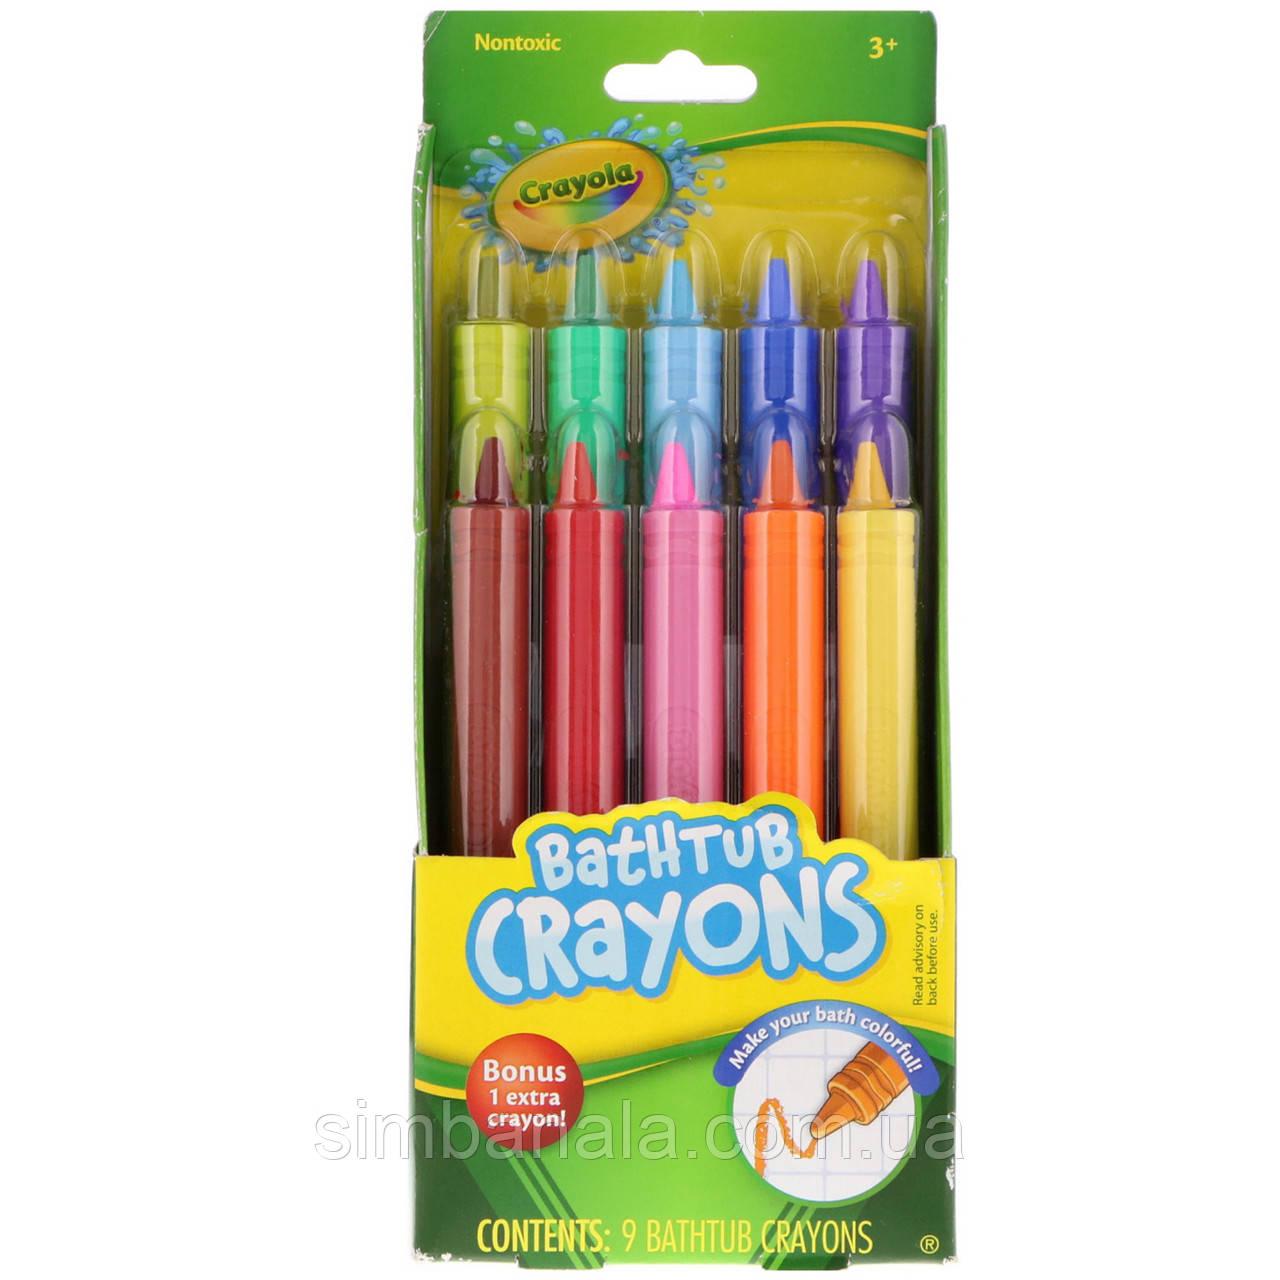 Карандаши для ванной Crayola Bathtub Crayons, США